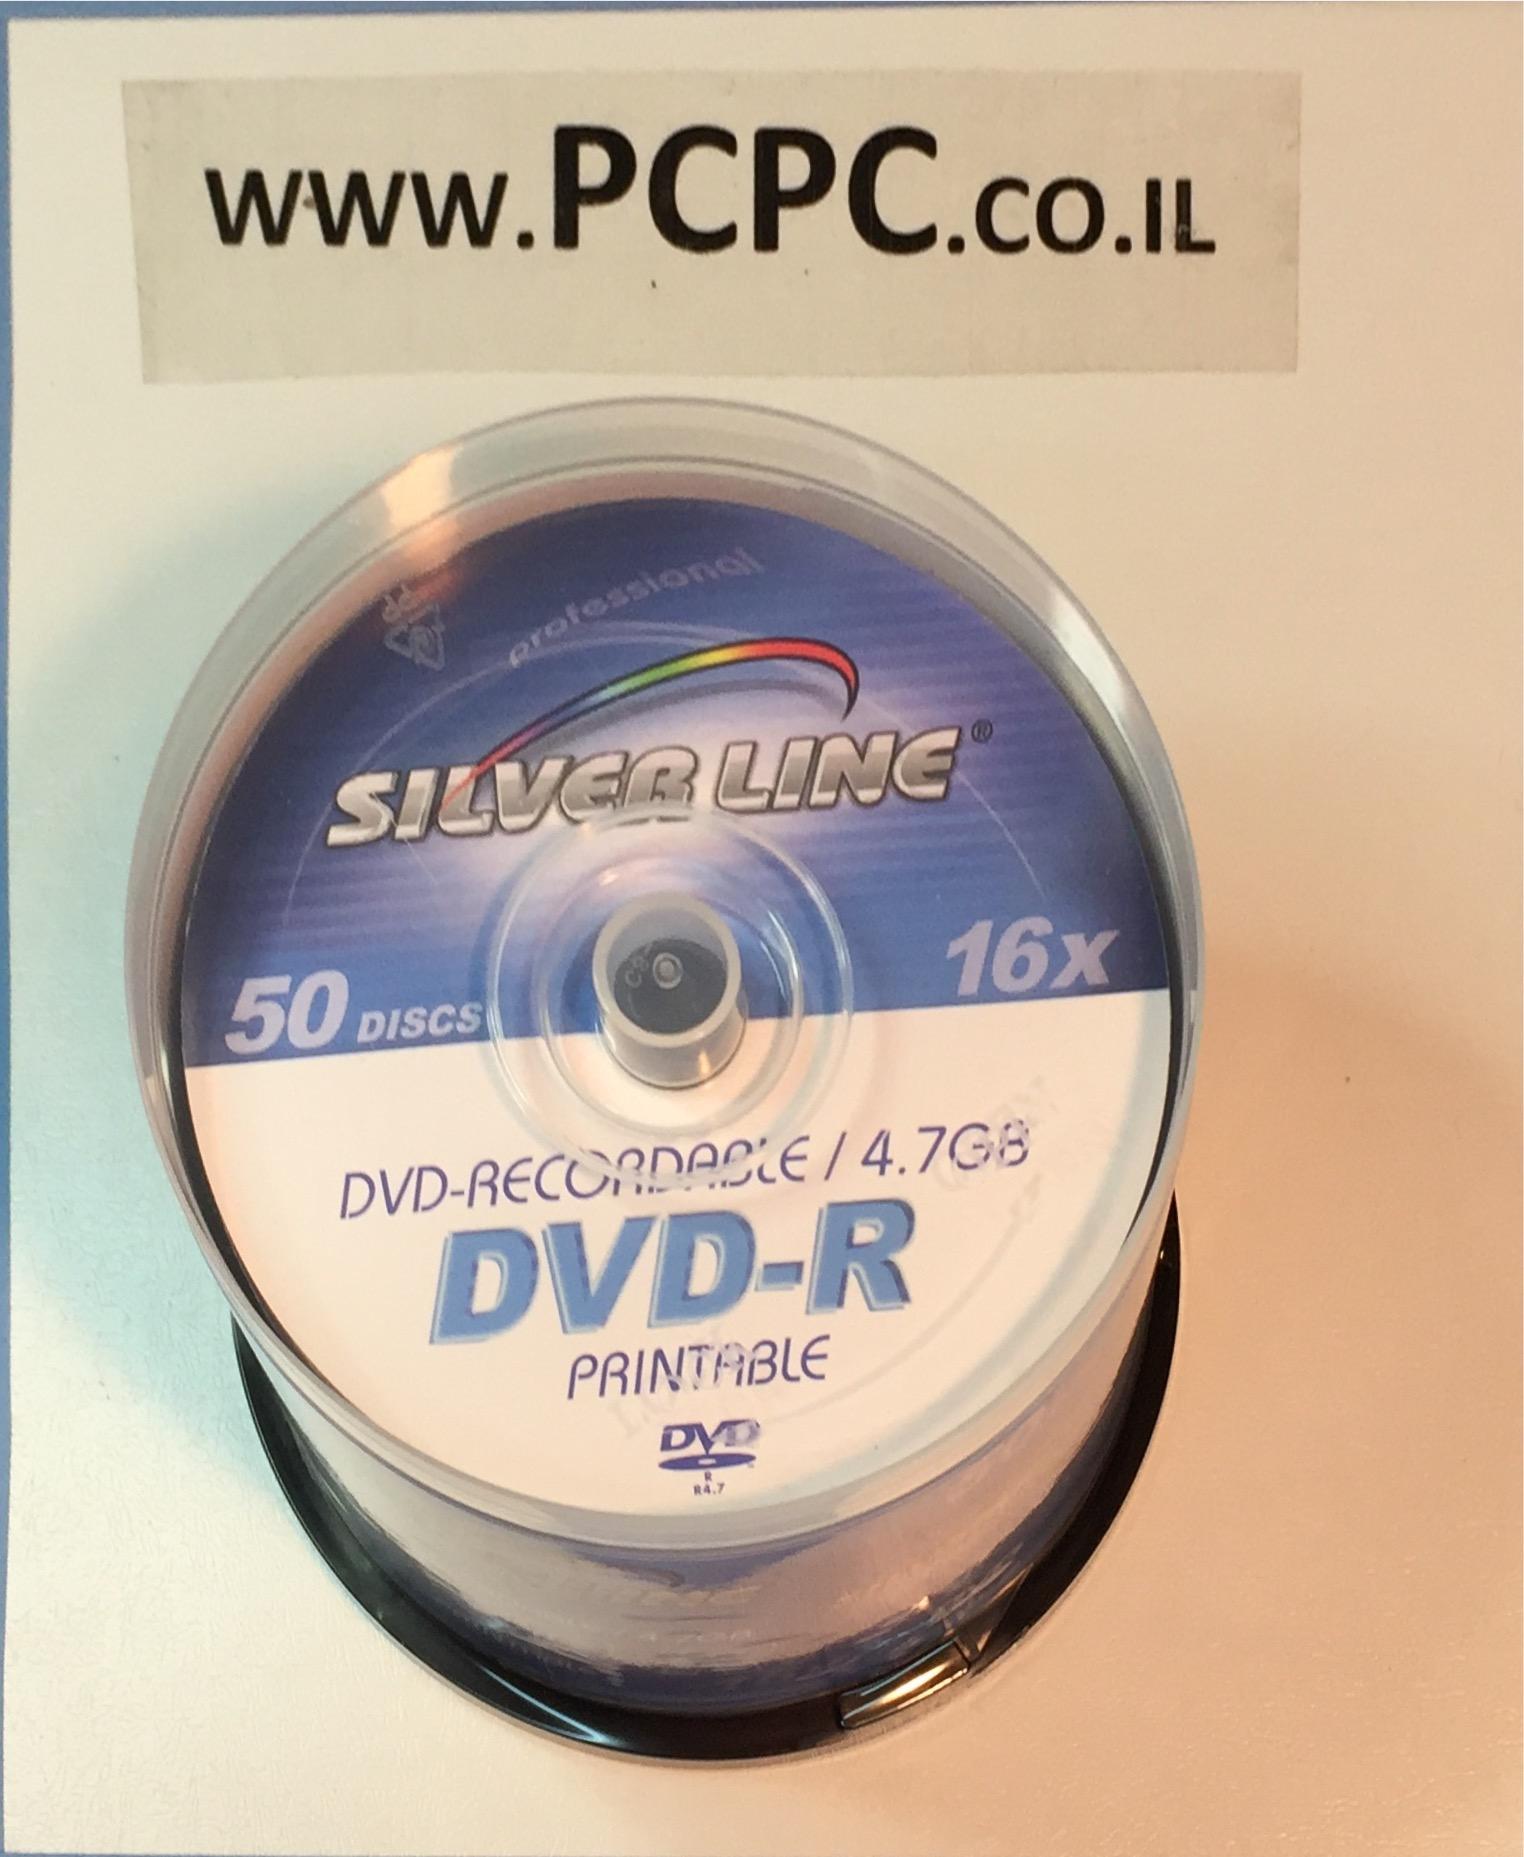 דיסקים 4.7GBx16 PRITABLE DVDR    של 50 יחידות SILVER LINE